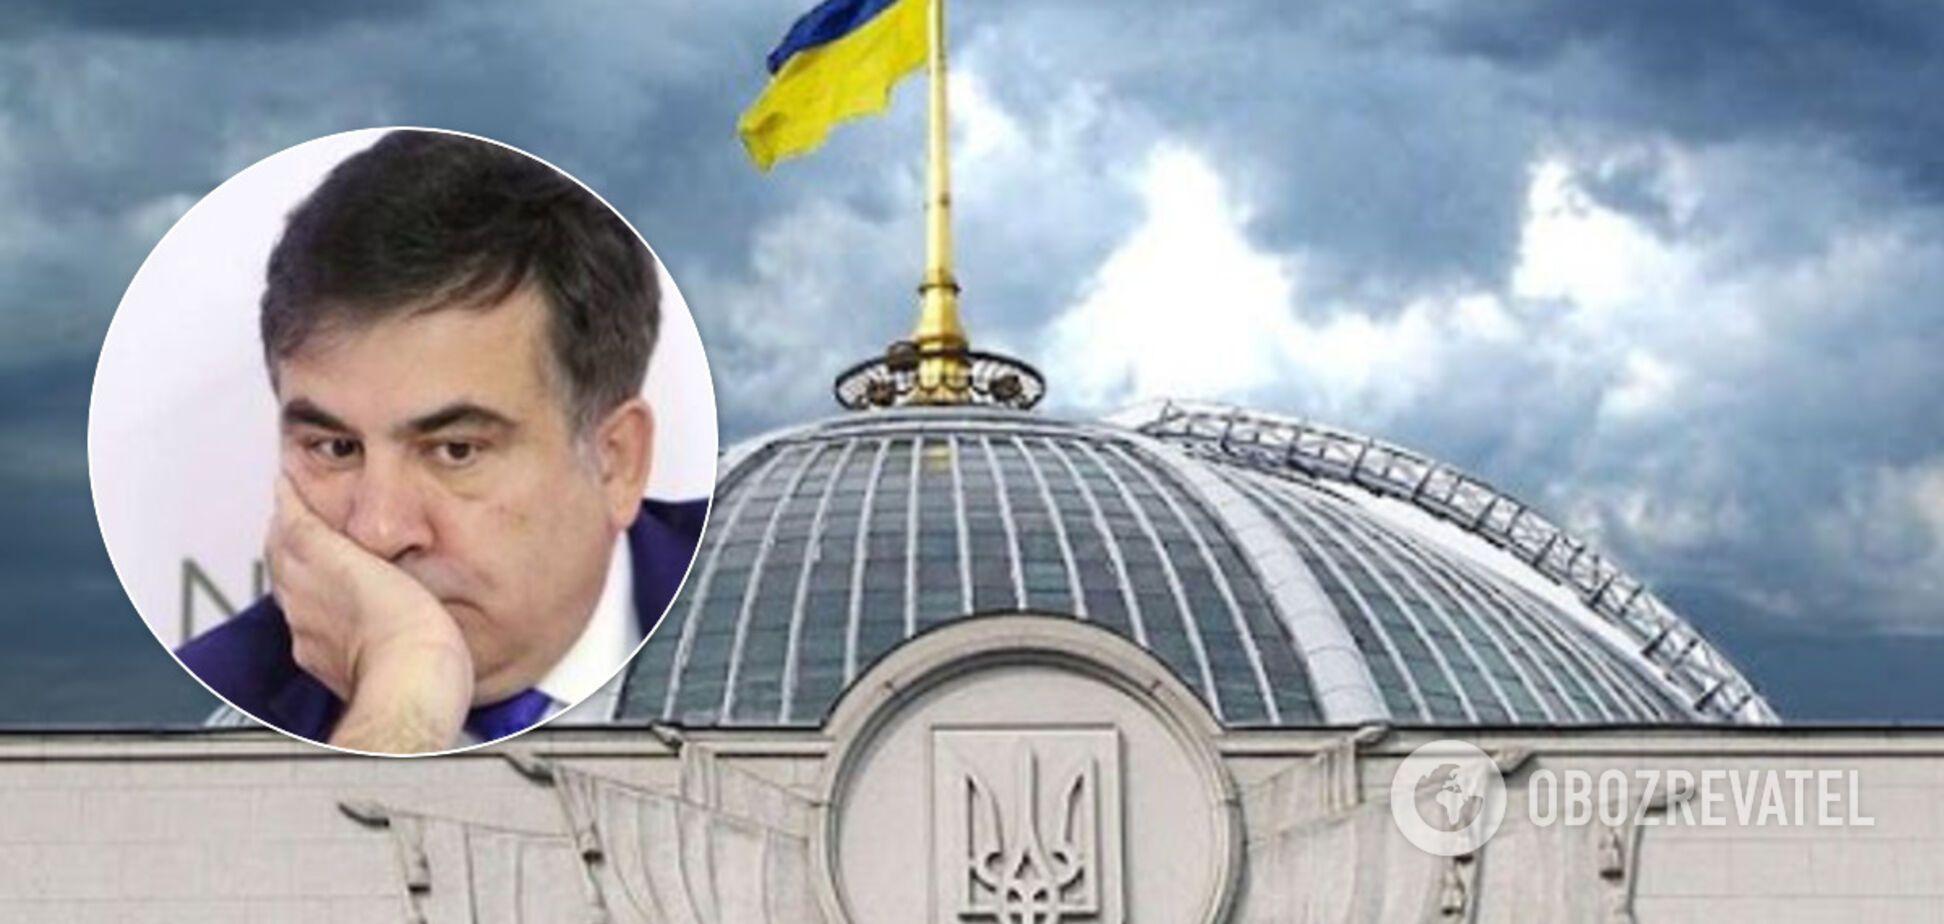 'Он преступник!' В Грузии резко обратились к Разумкову из-за назначения Саакашвили. Опубликовано письмо